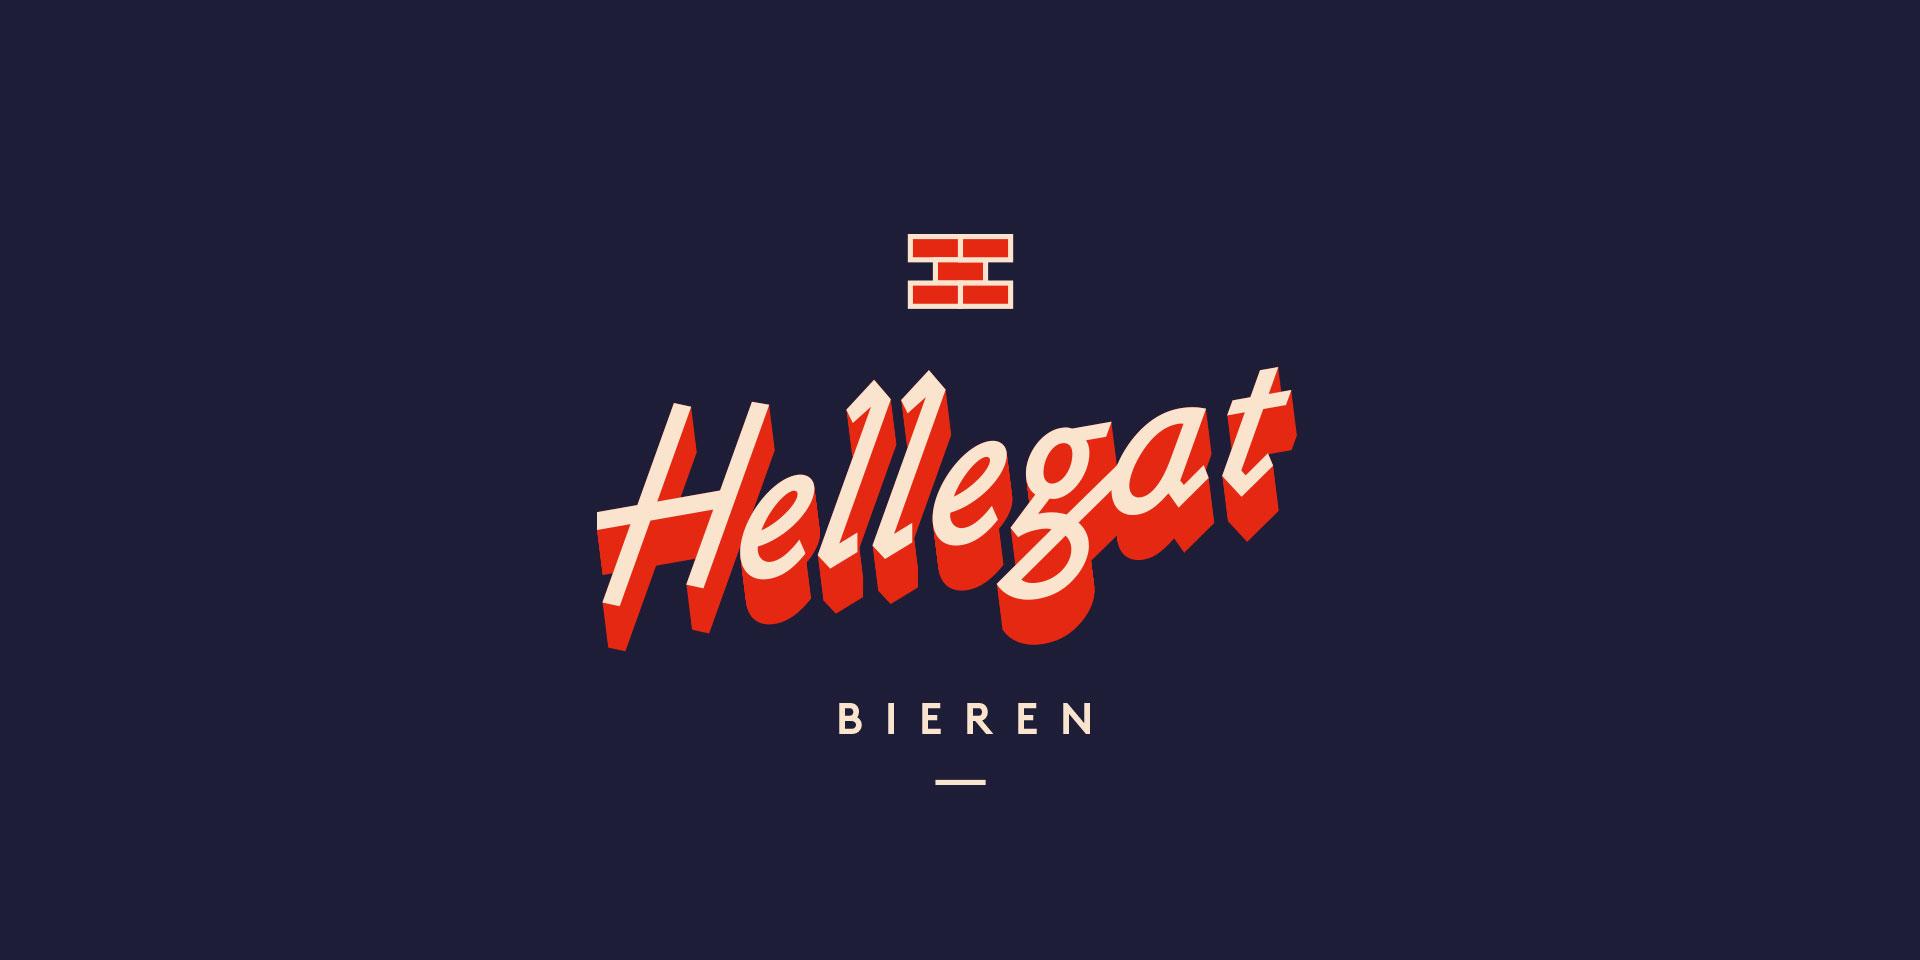 Shtick voor Hellegat - Branding & Positionering